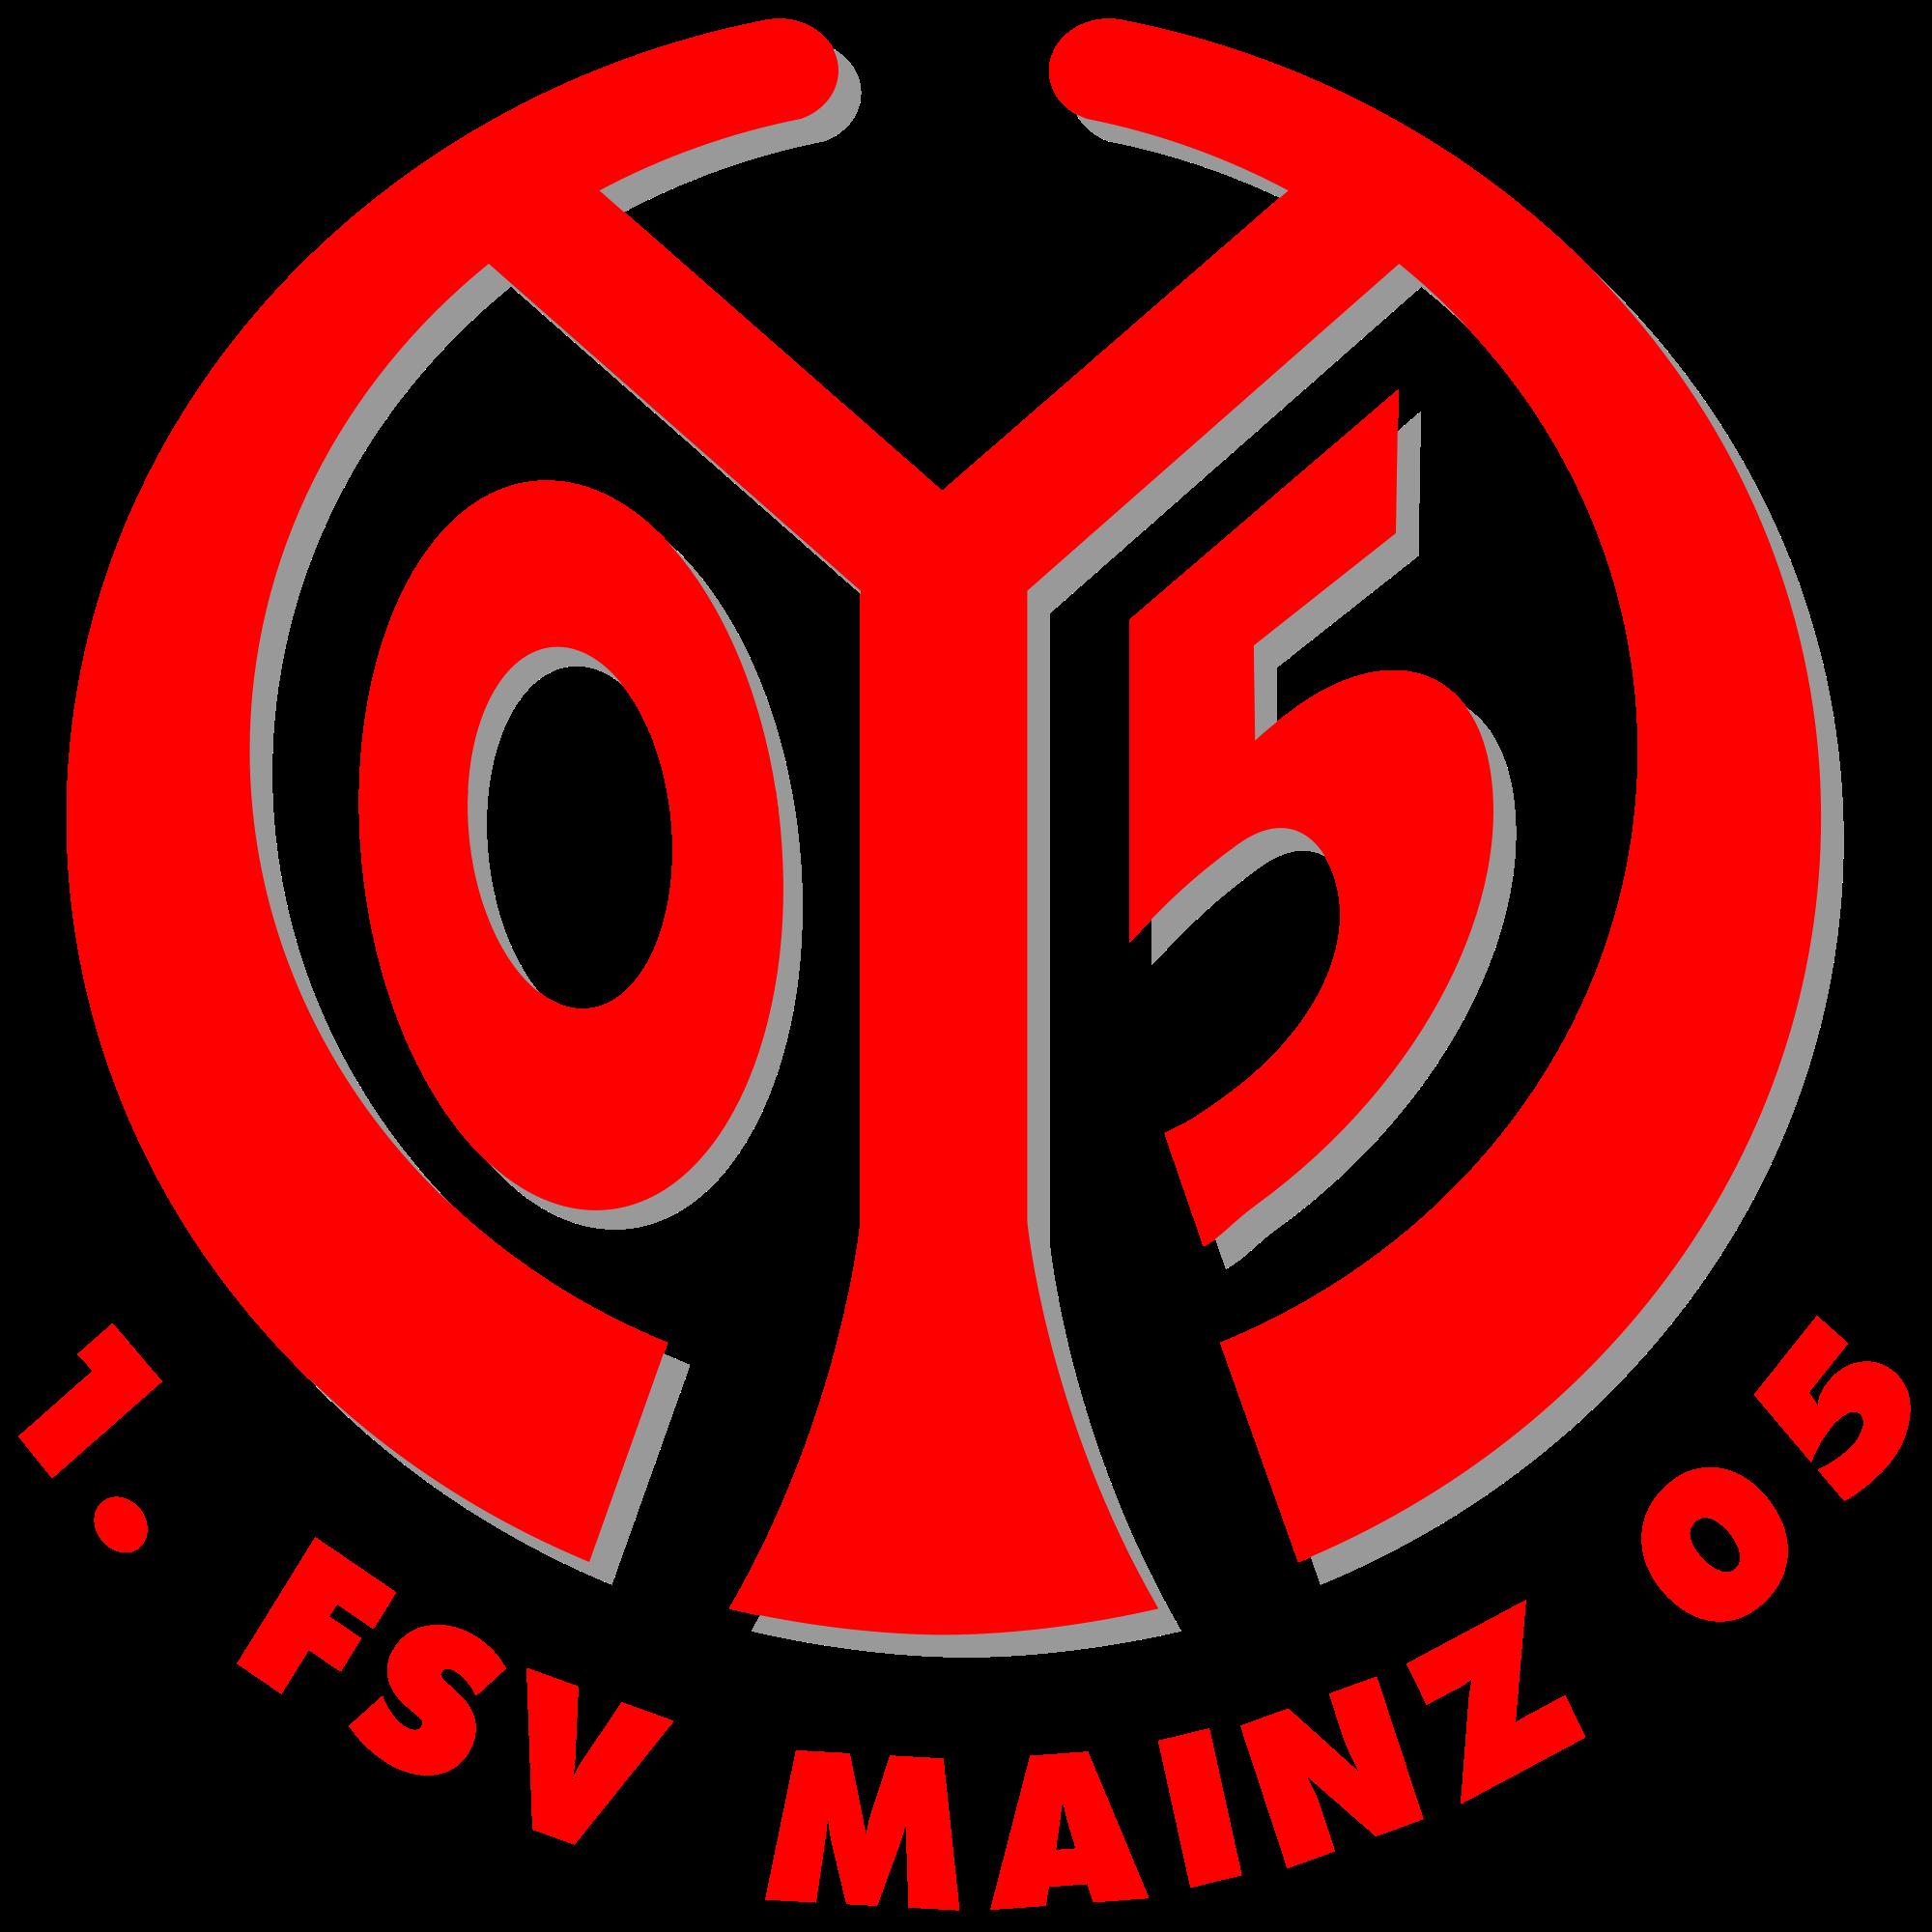 frankreich em 2000